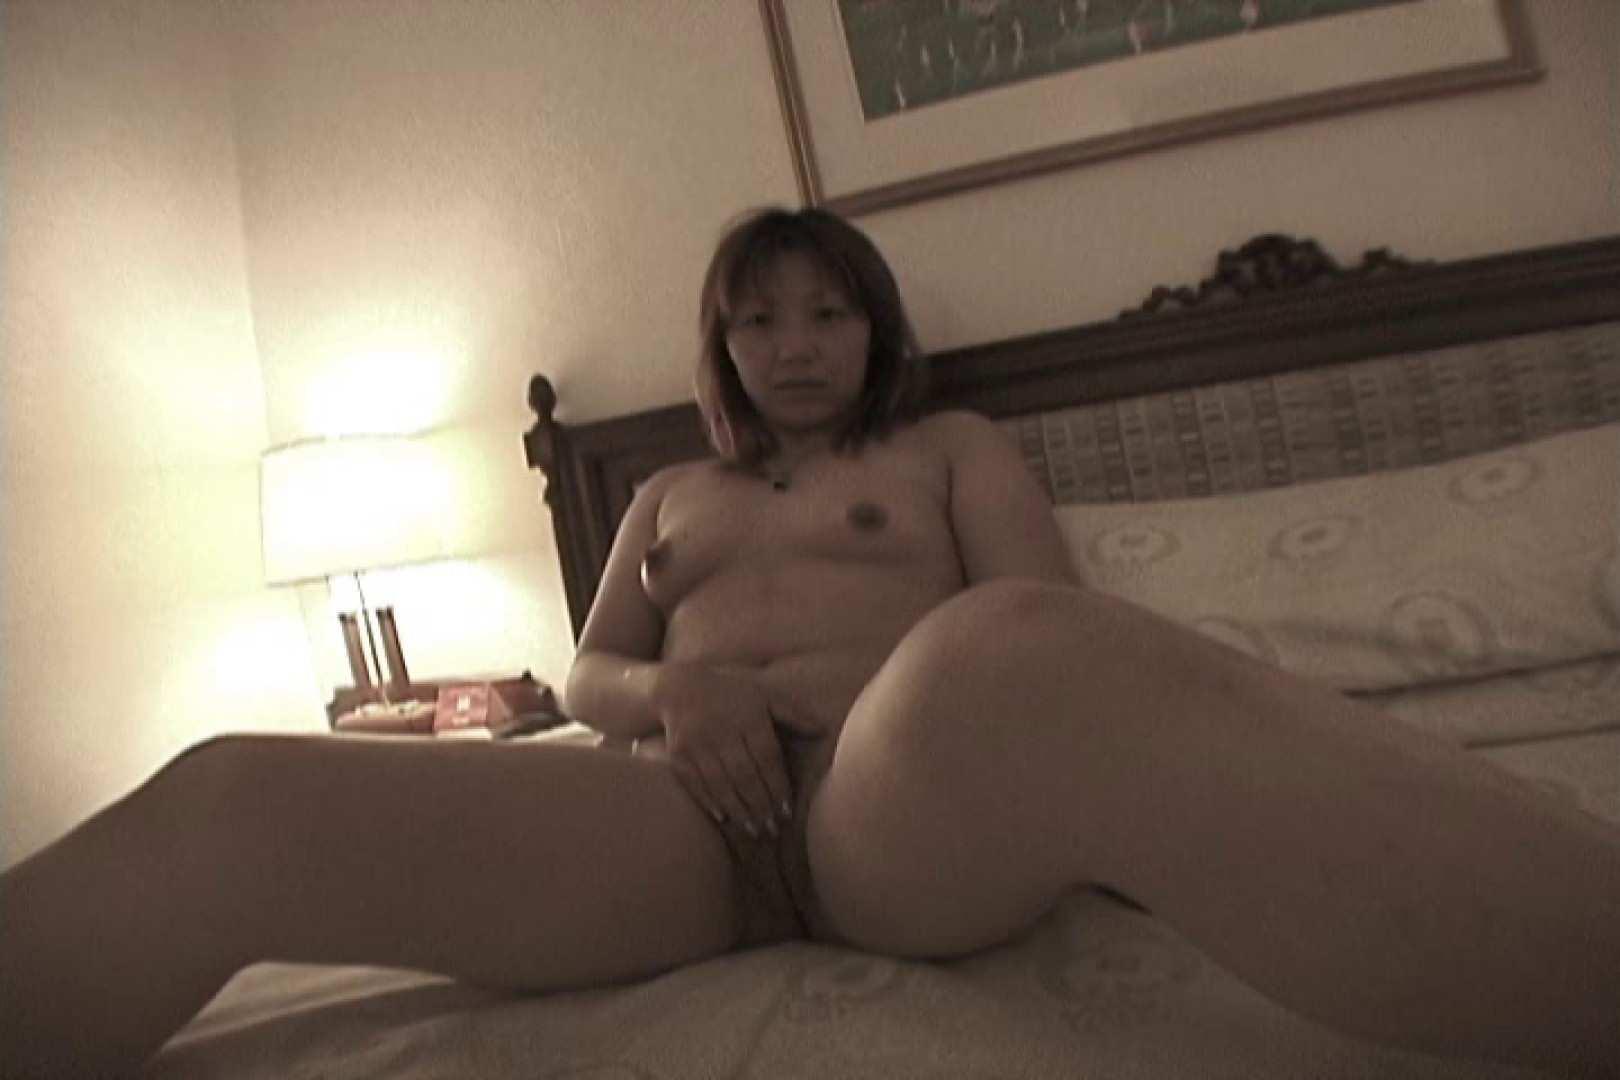 ツンデレ素人嬢もチンポには弱い~増田あけみ~ 素人丸裸  99pic 64